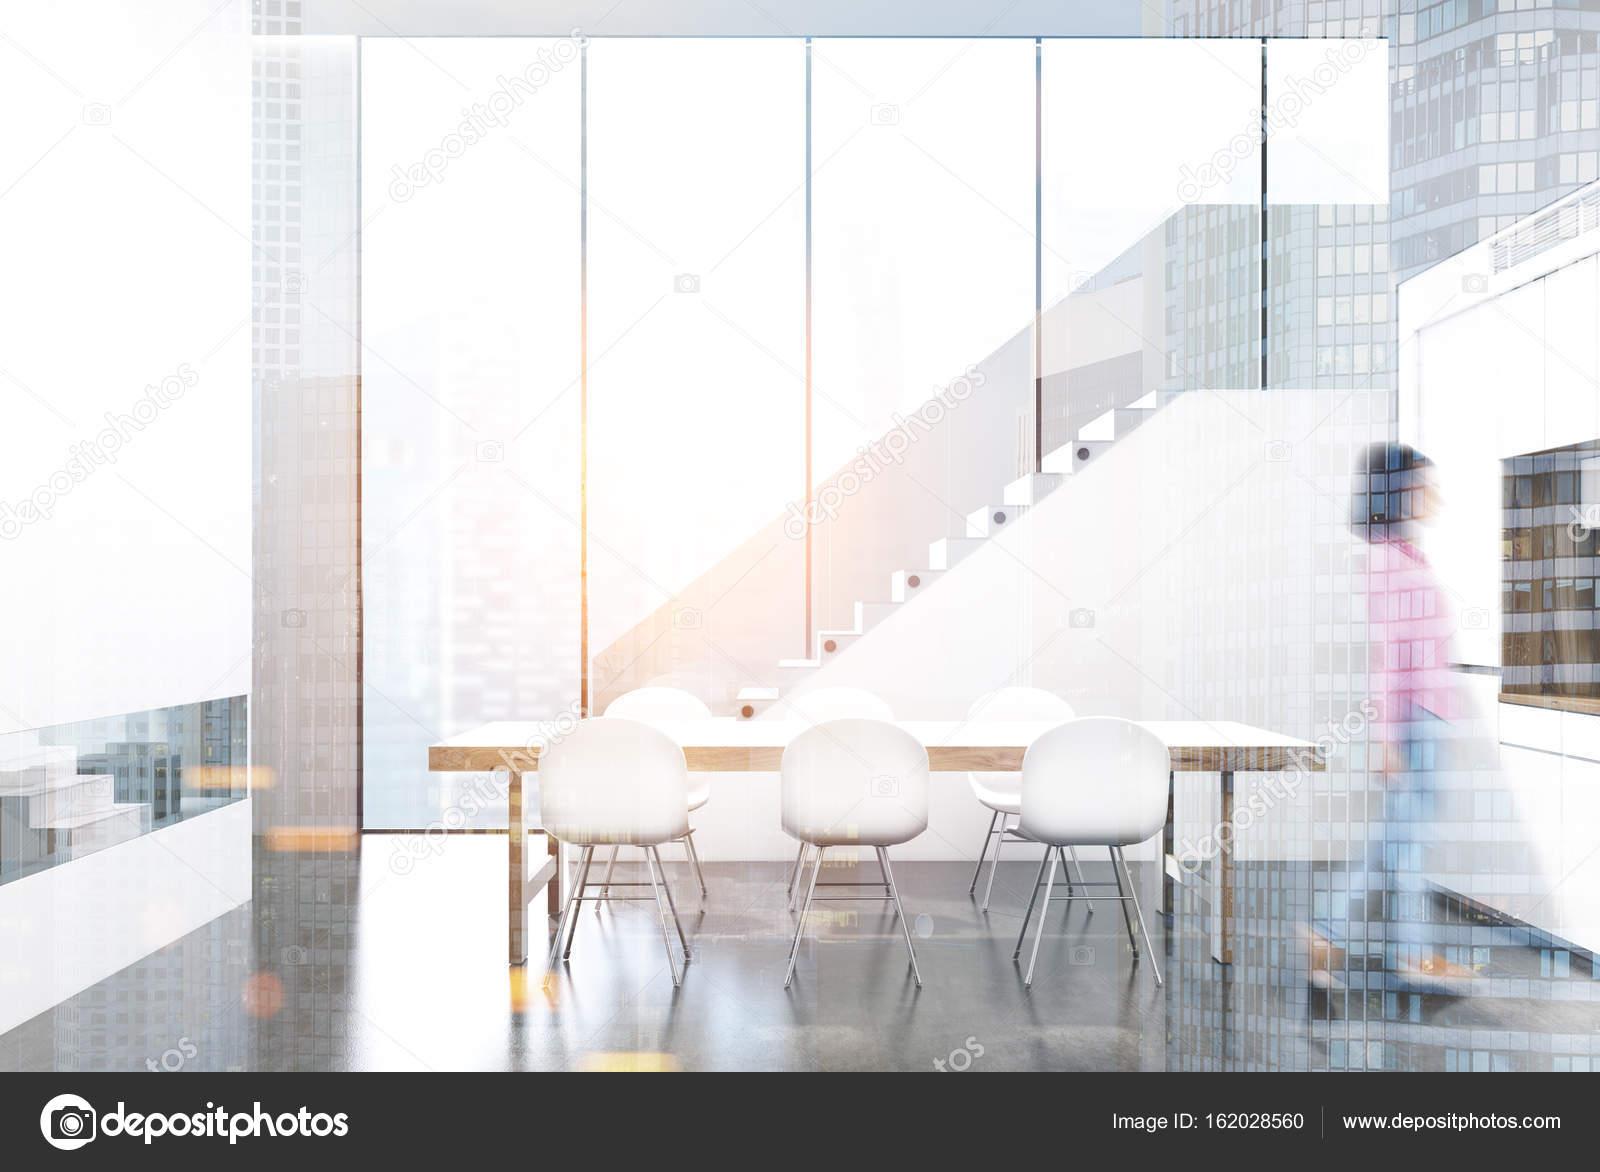 Attractive Weißen Esszimmer Interieur In Einem Zimmer Mit Panoramafenster, Ein Langer  Tisch Mit Einer Reihe Von Weißen Stühlen, Einem Bücherregal In Einer Weißen  Wand.